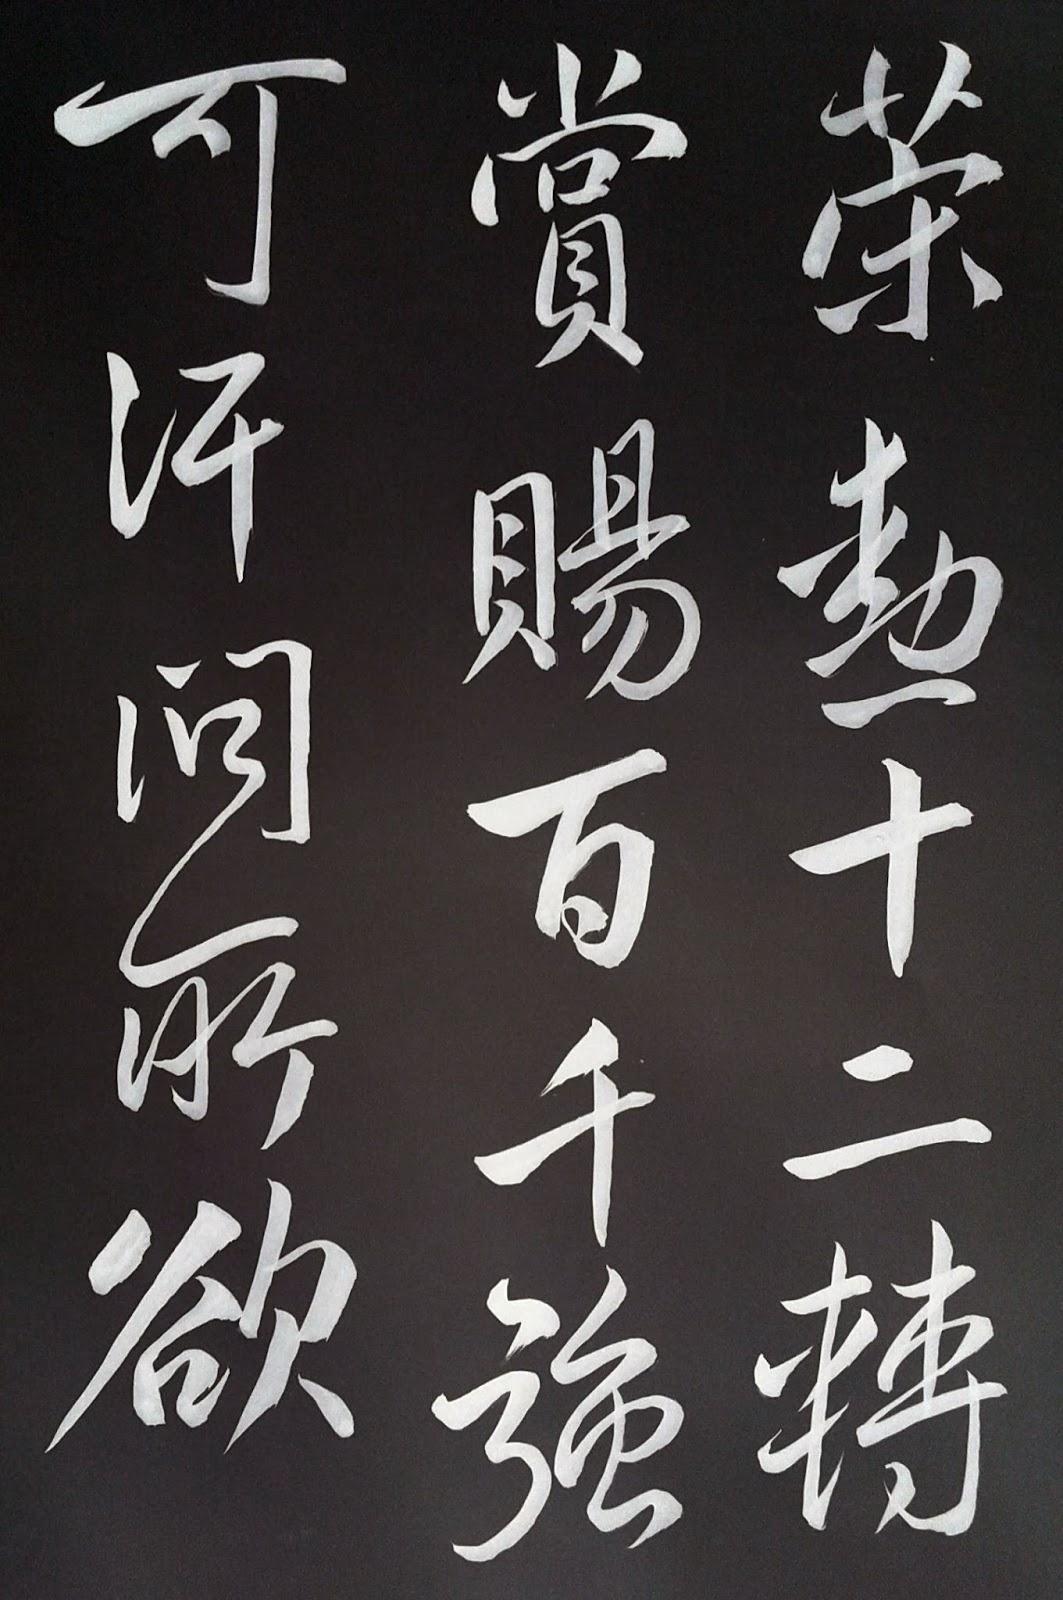 懷舊香港: 臨米芾書《木蘭辭》